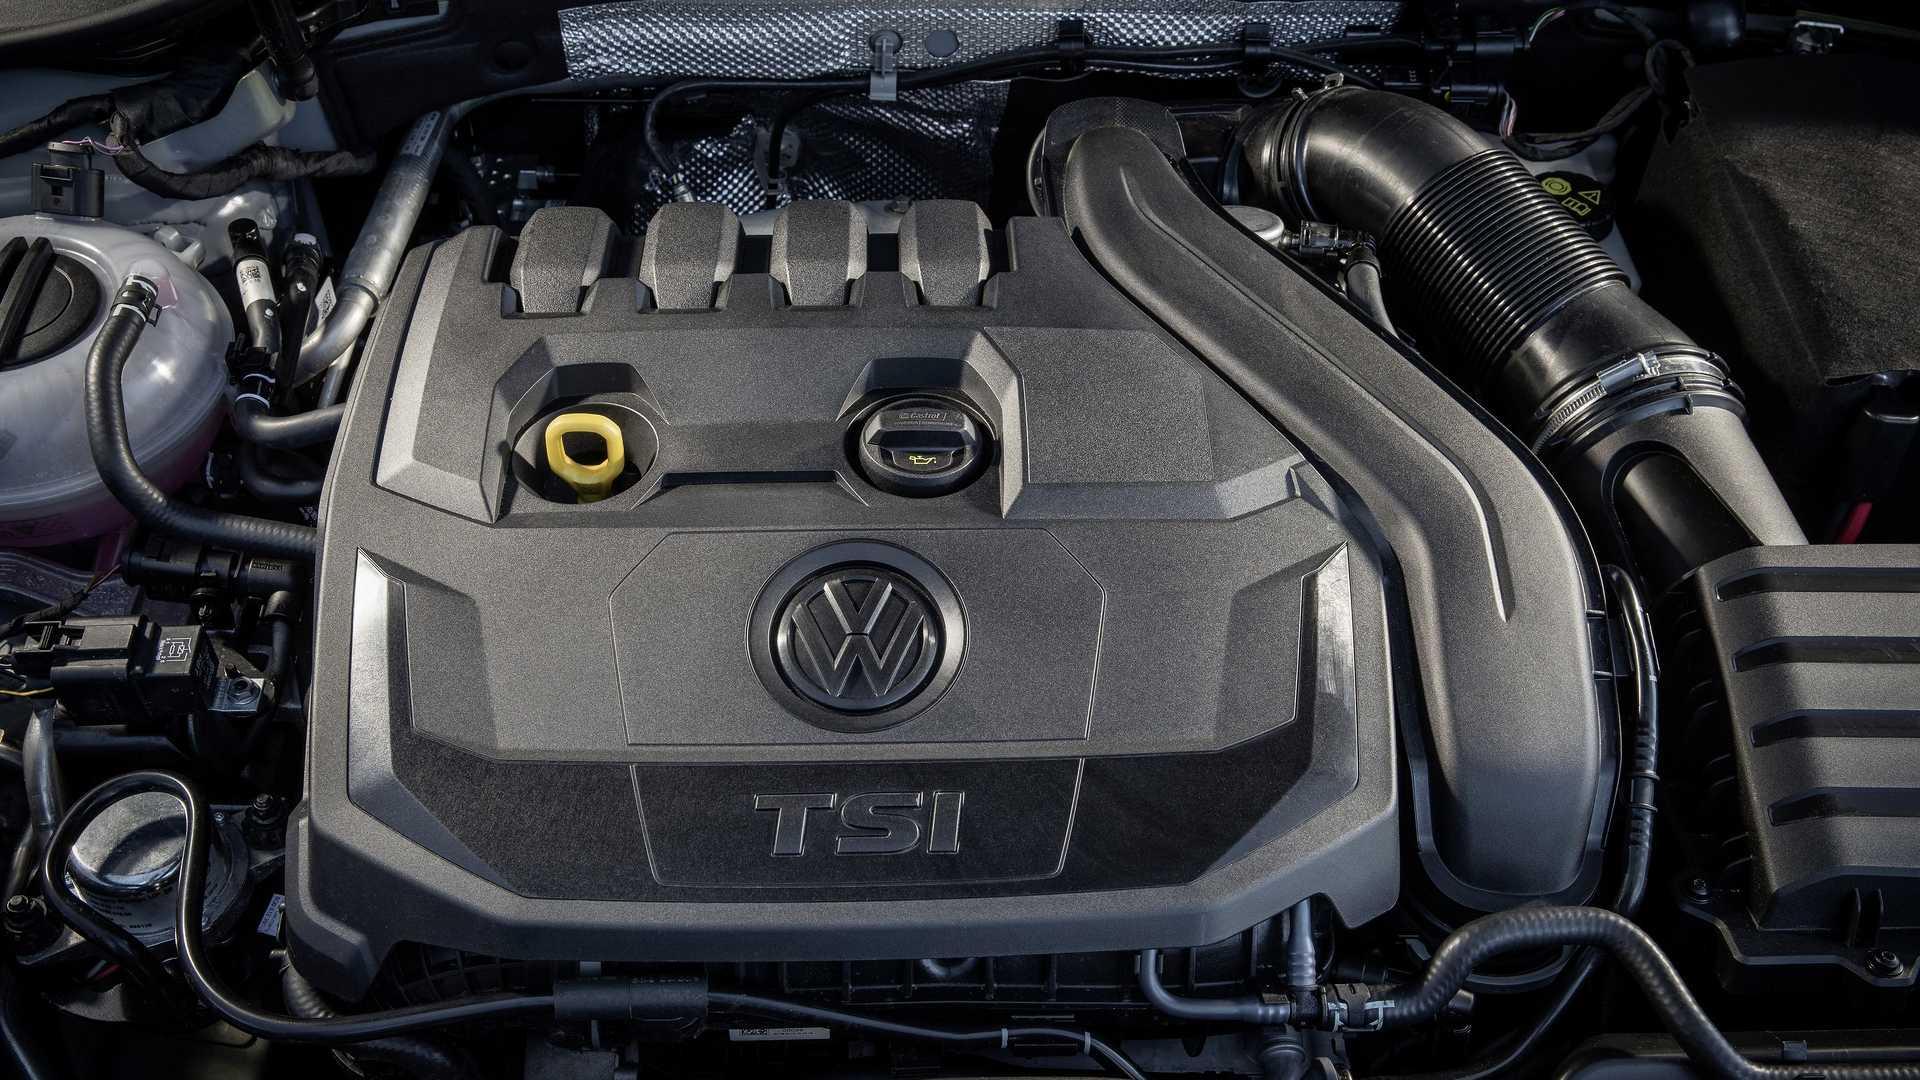 https://cdn.motor1.com/images/mgl/kLOnR/s1/vw-15-liter-tsi-evo-engine.jpg